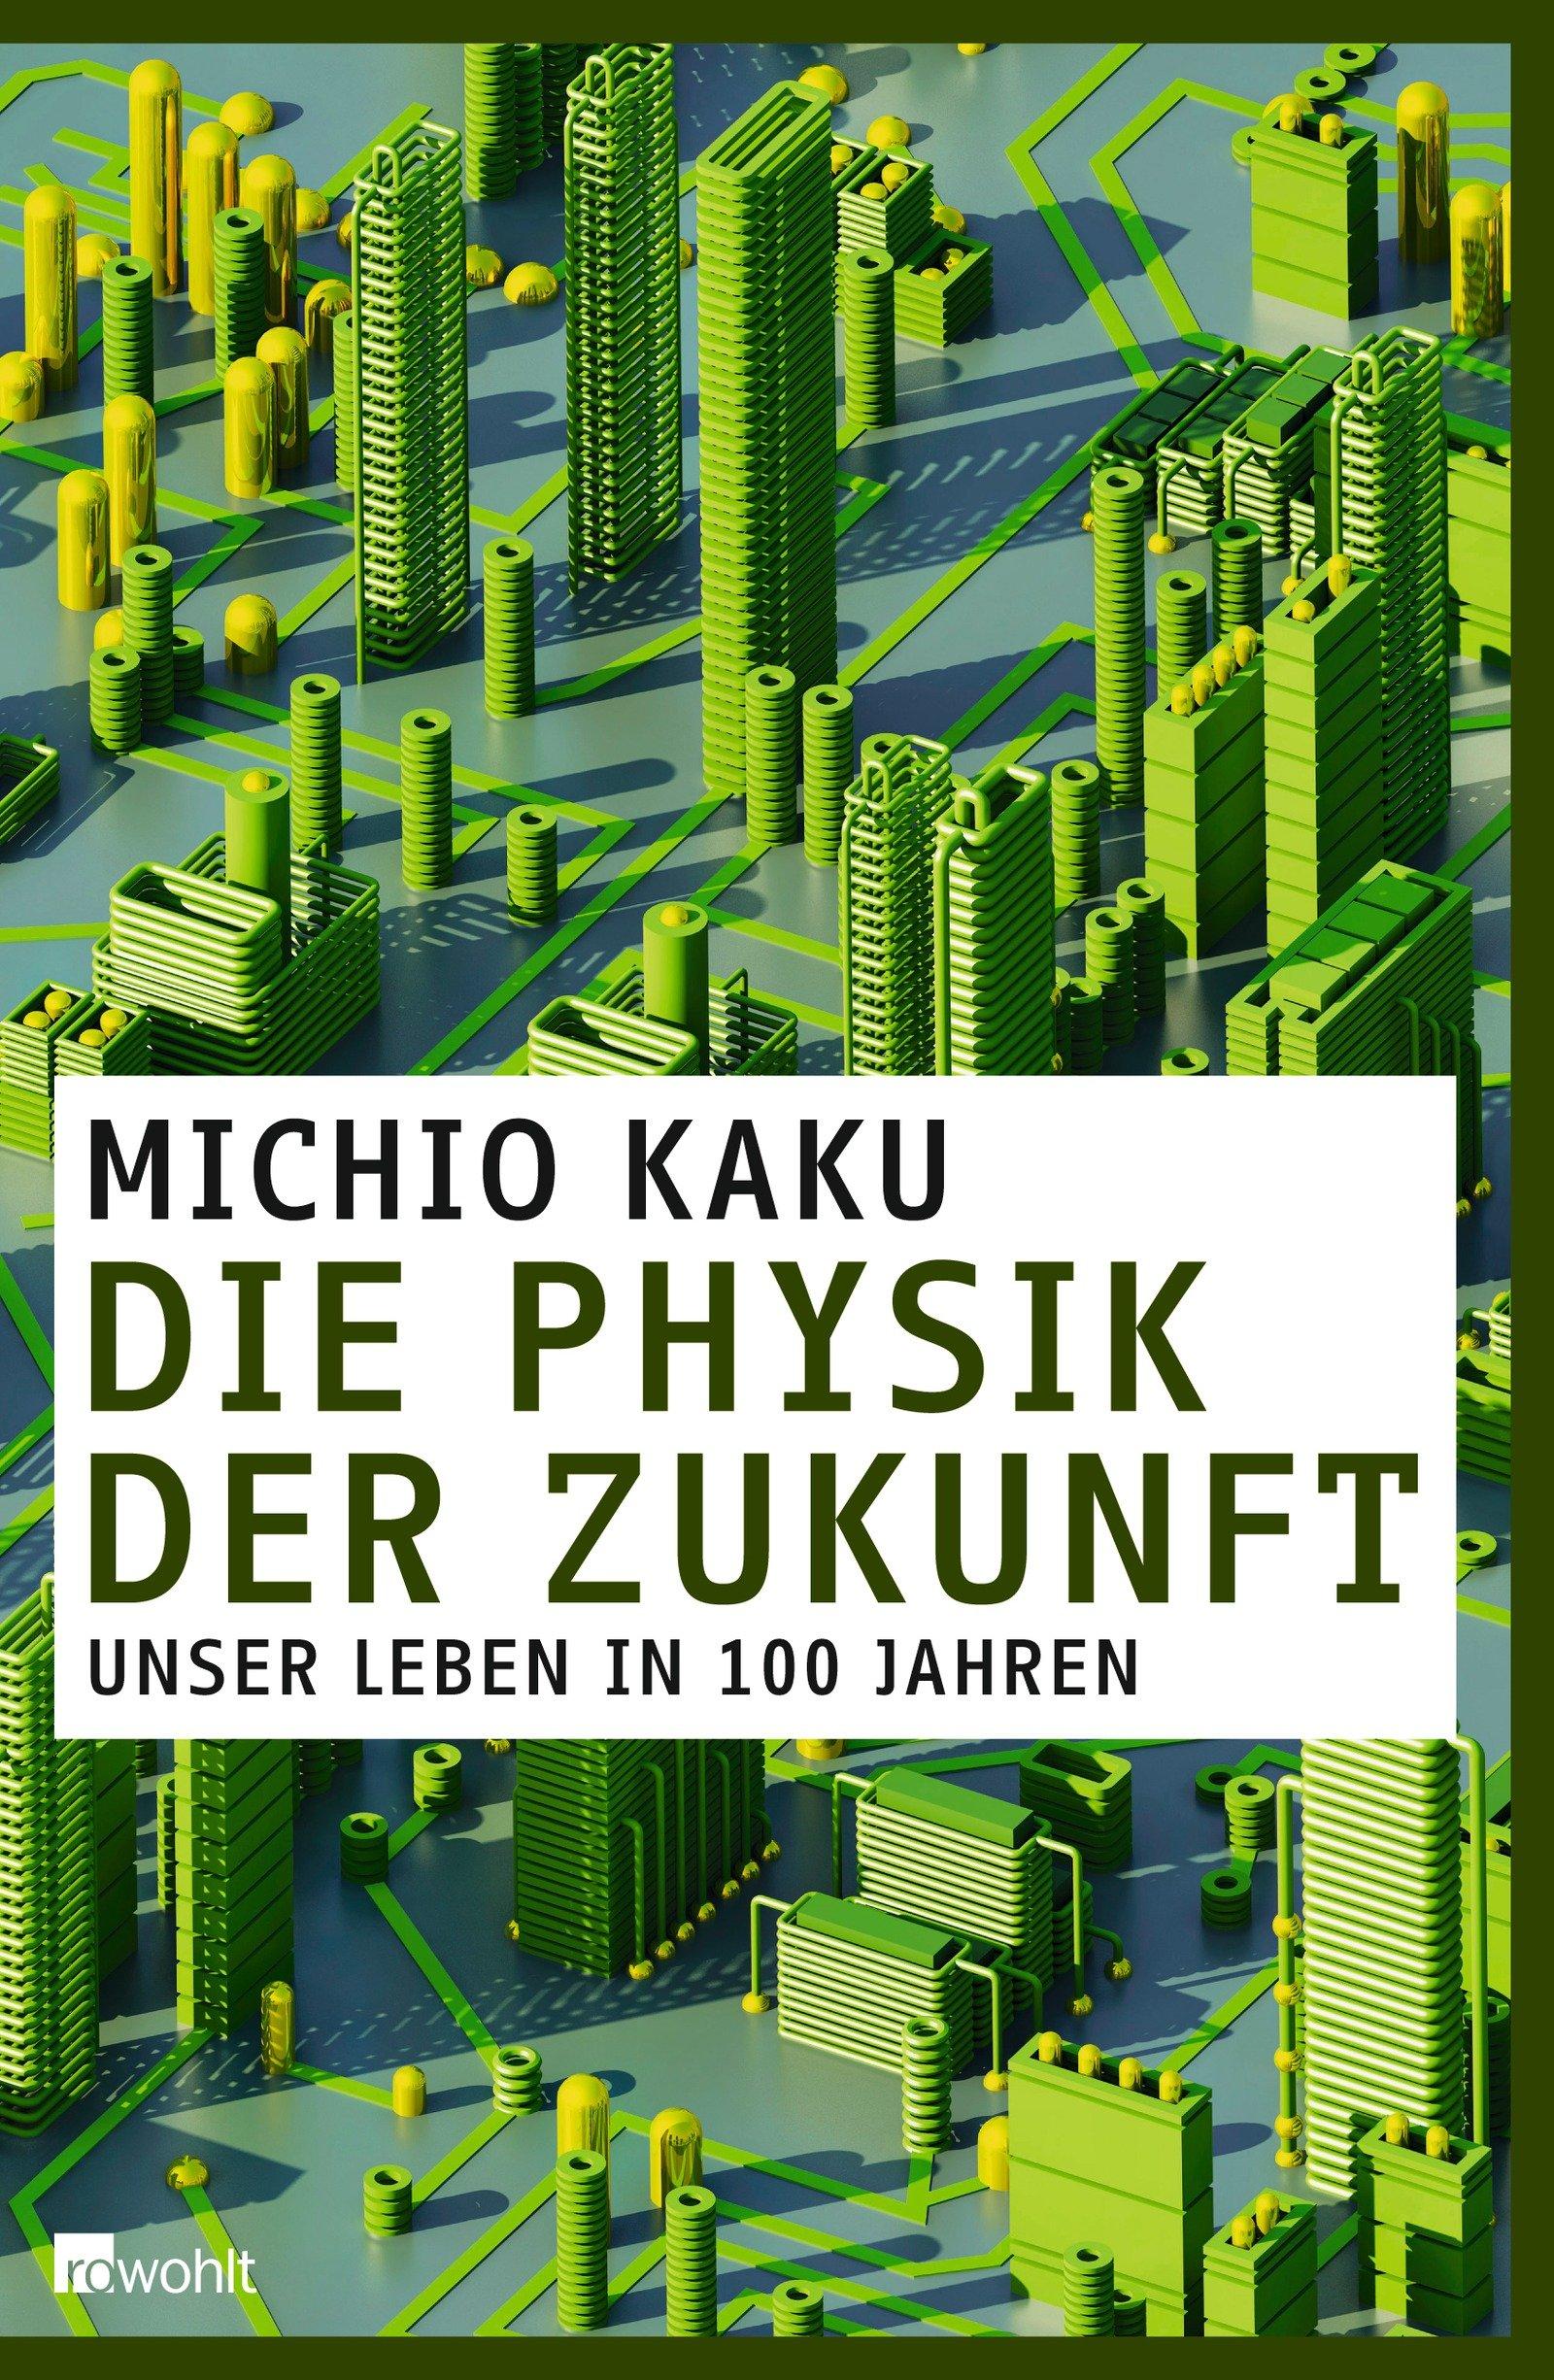 Die Physik der Zukunft: Unser Leben in 100 Jahren Gebundenes Buch – 21. September 2012 Michio Kaku Monika Niehaus Rowohlt 3498035592